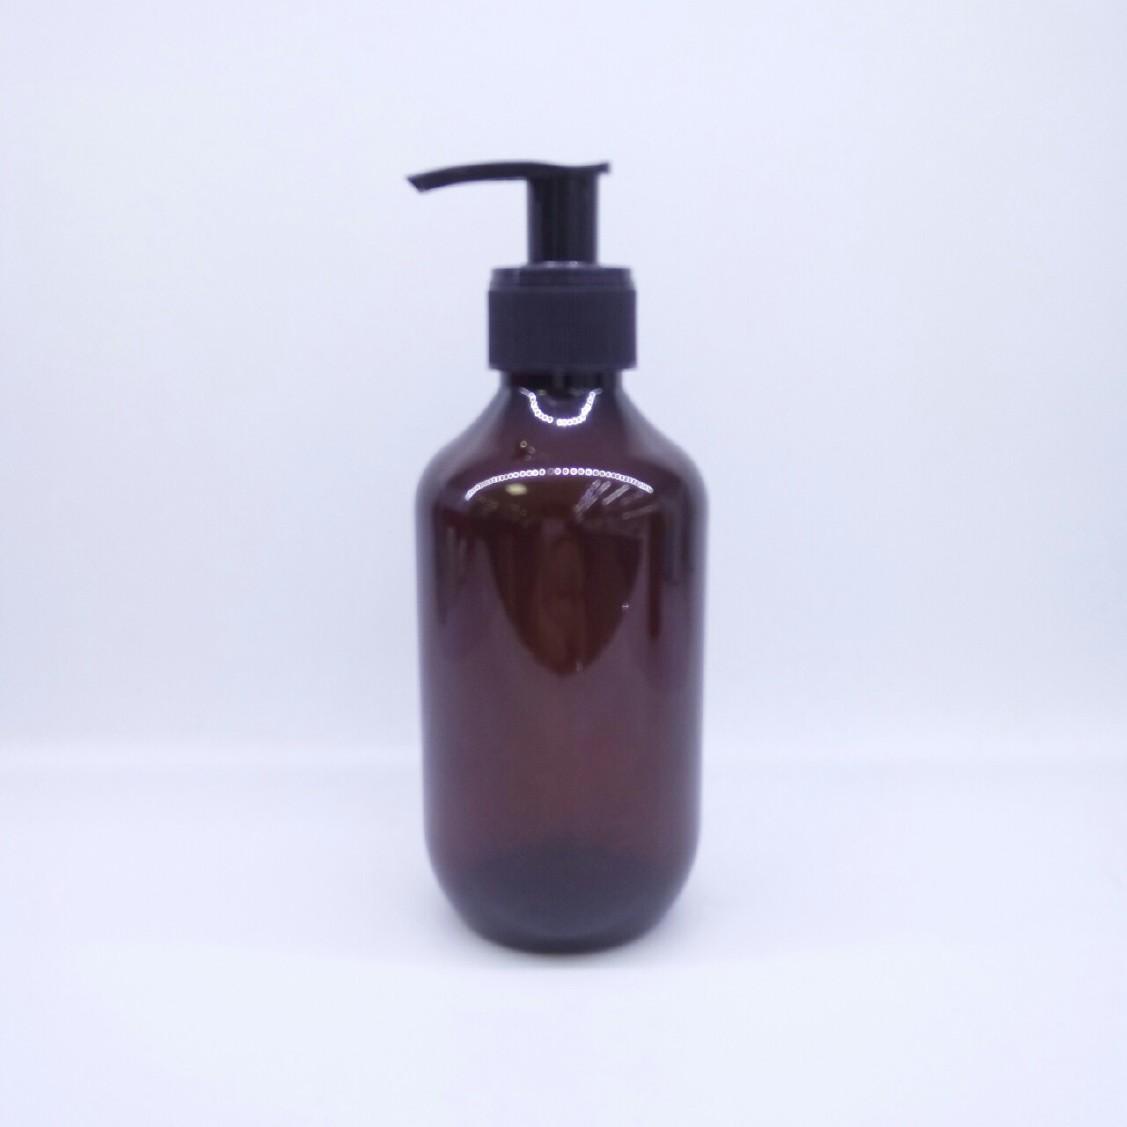 护发素瓶子 250ml 洗甲水瓶子 洗发露瓶子 护发素瓶子 沐浴露瓶子